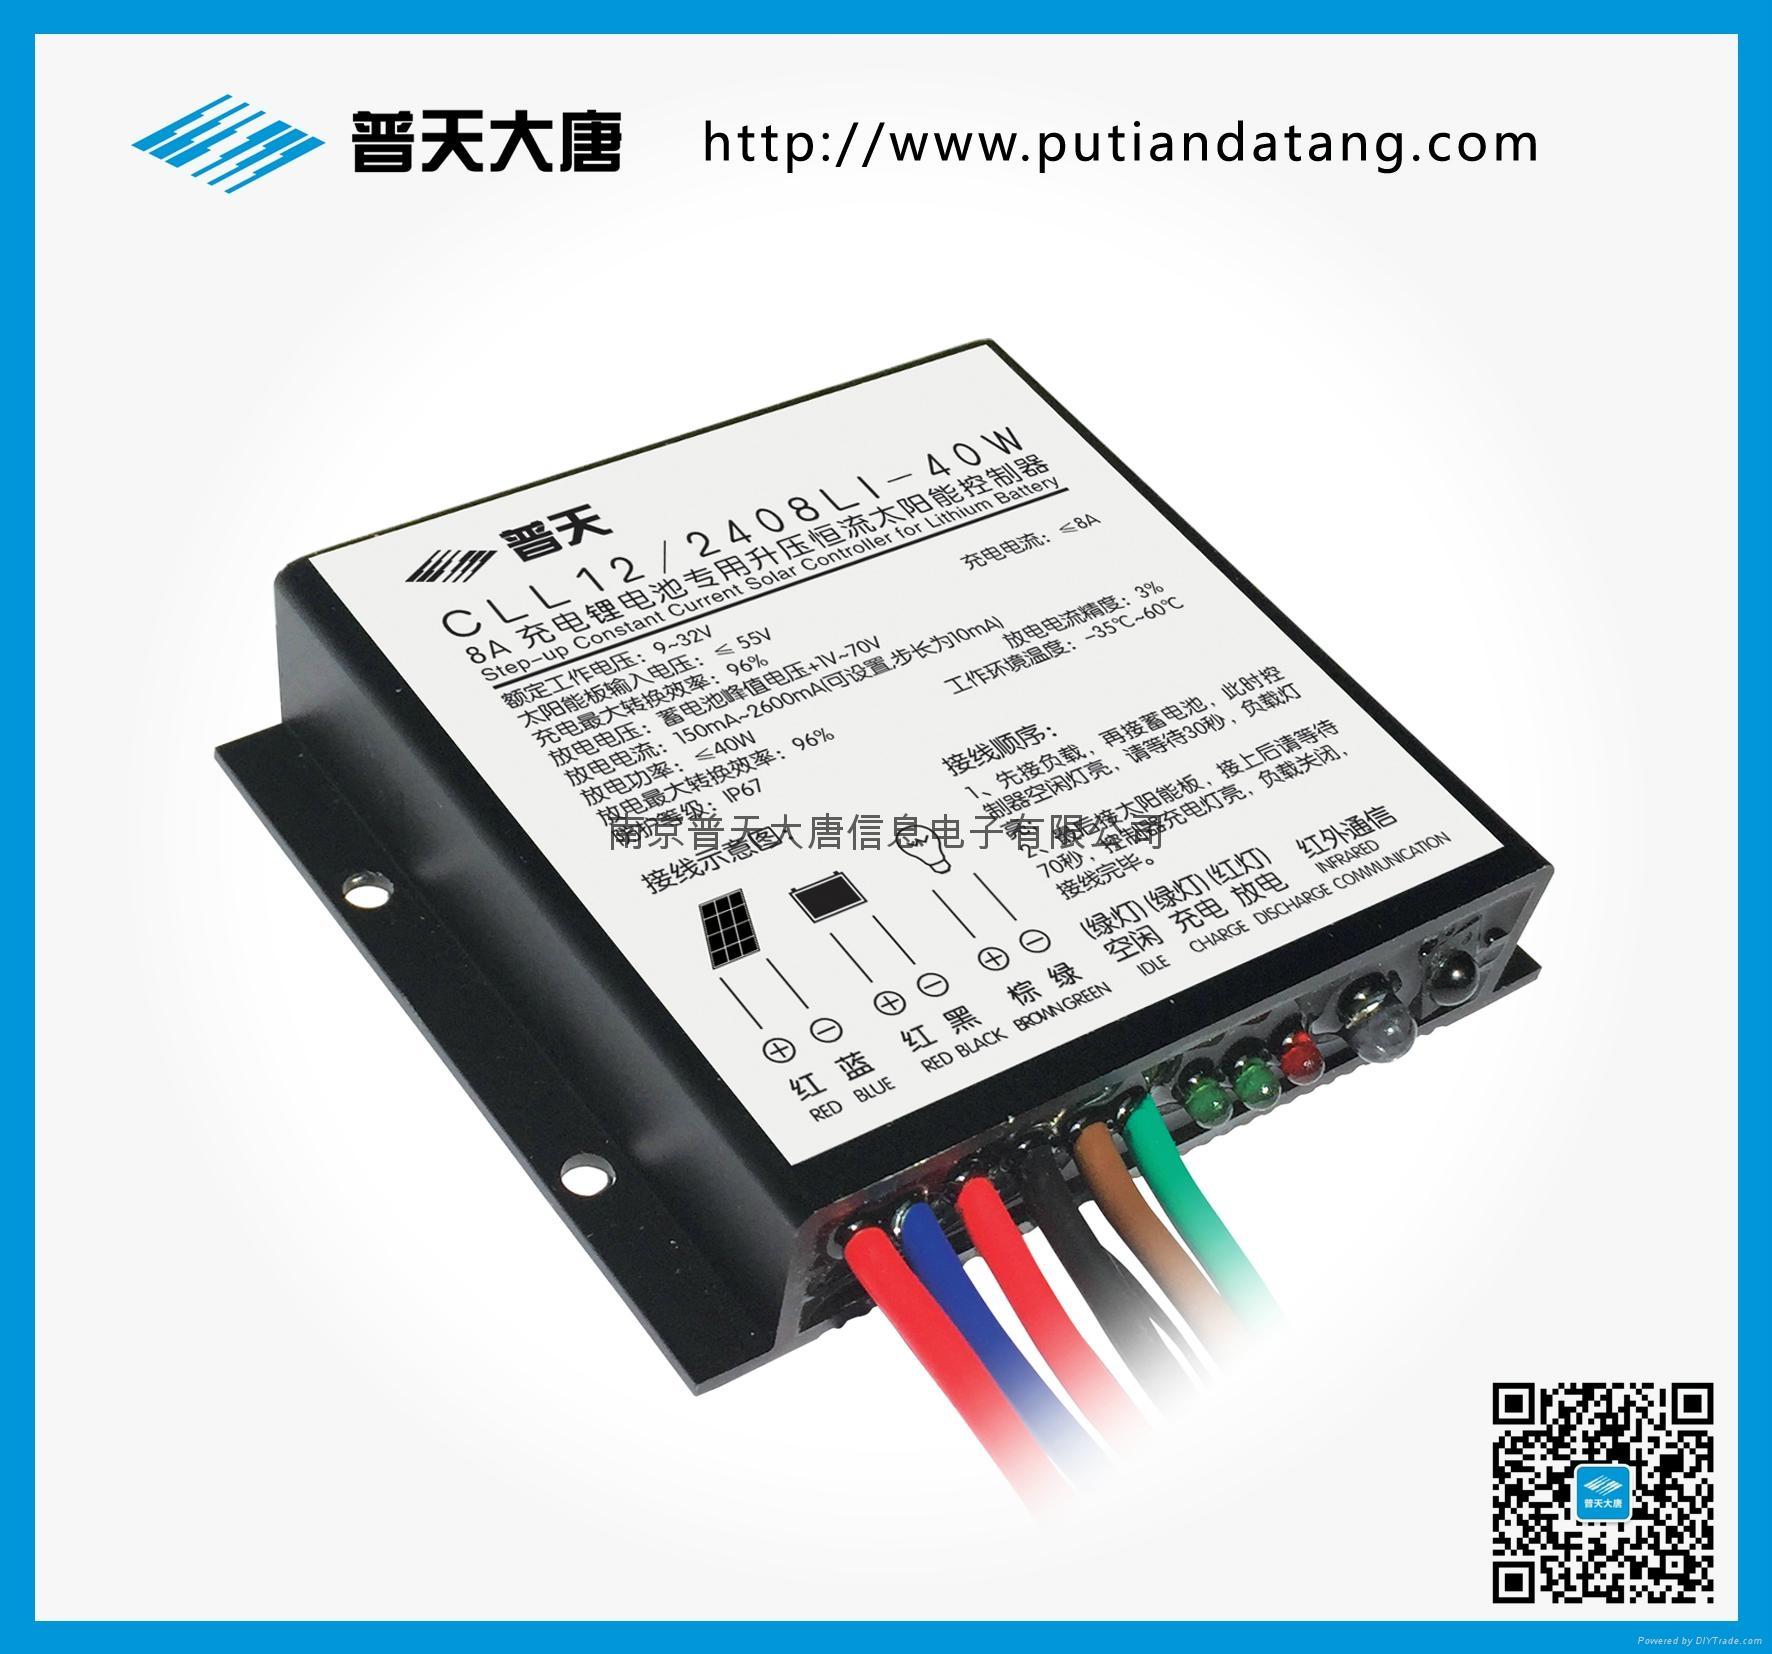 南京普天大唐升压型锂电池太阳能控制器 1